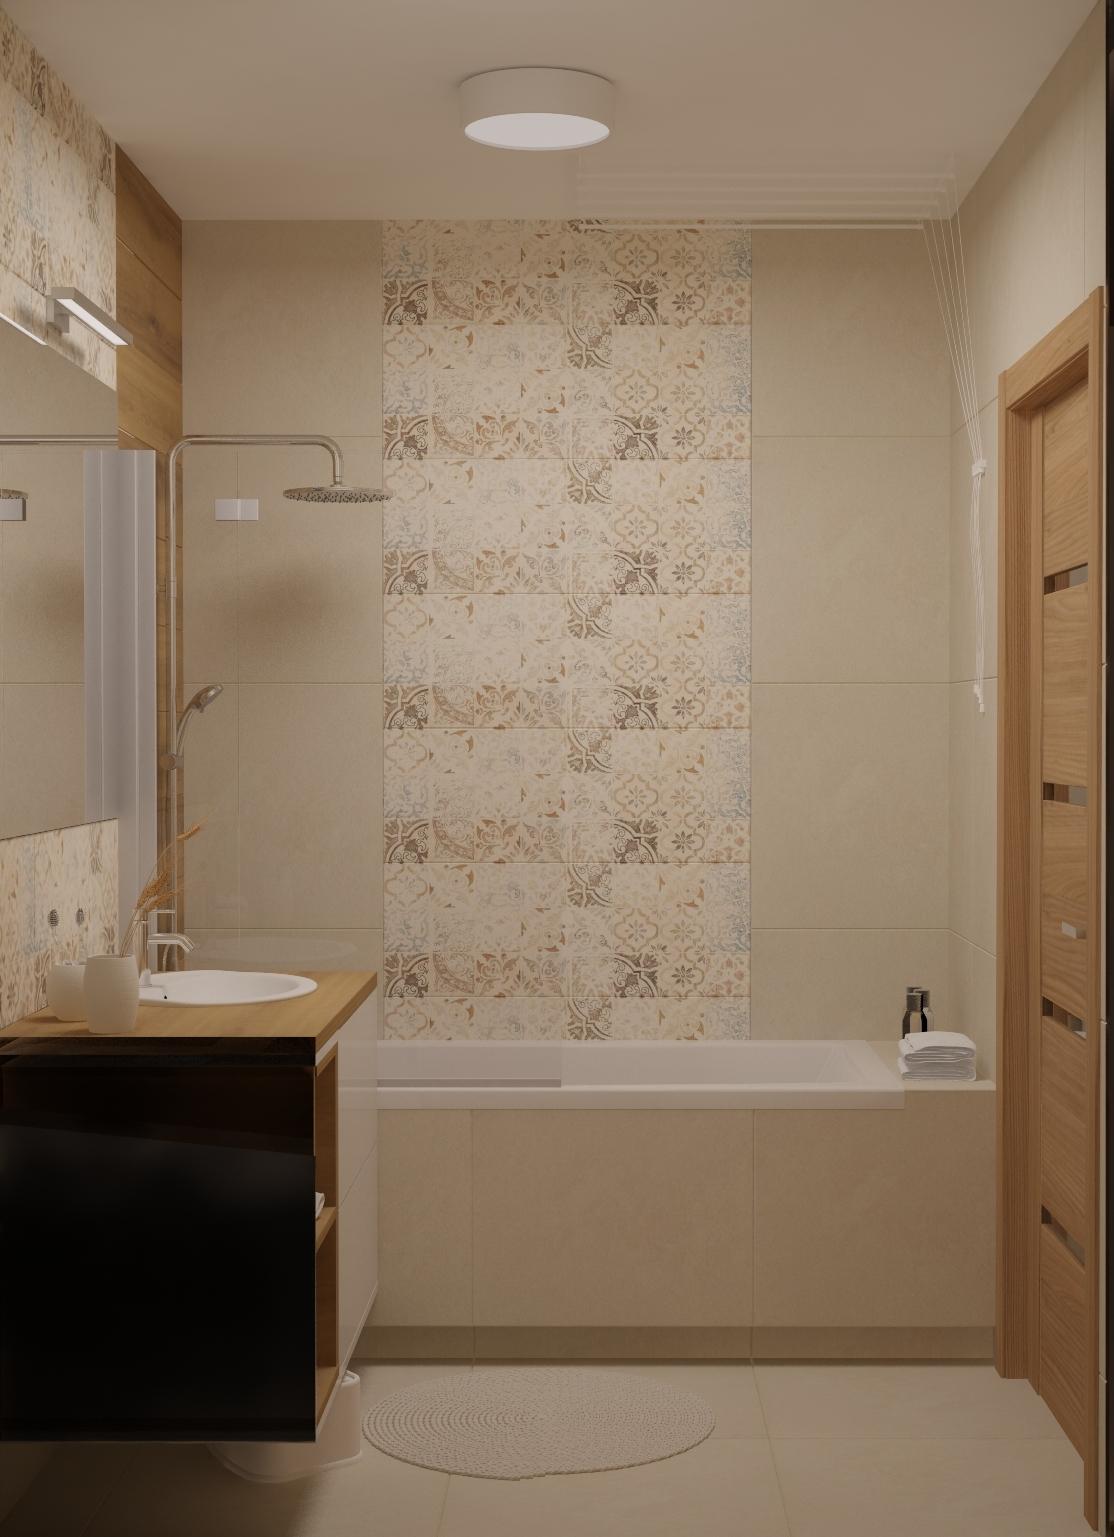 Łazienka kompleksowo wykończona. Armatura łazienkowa, projekt wnętrza